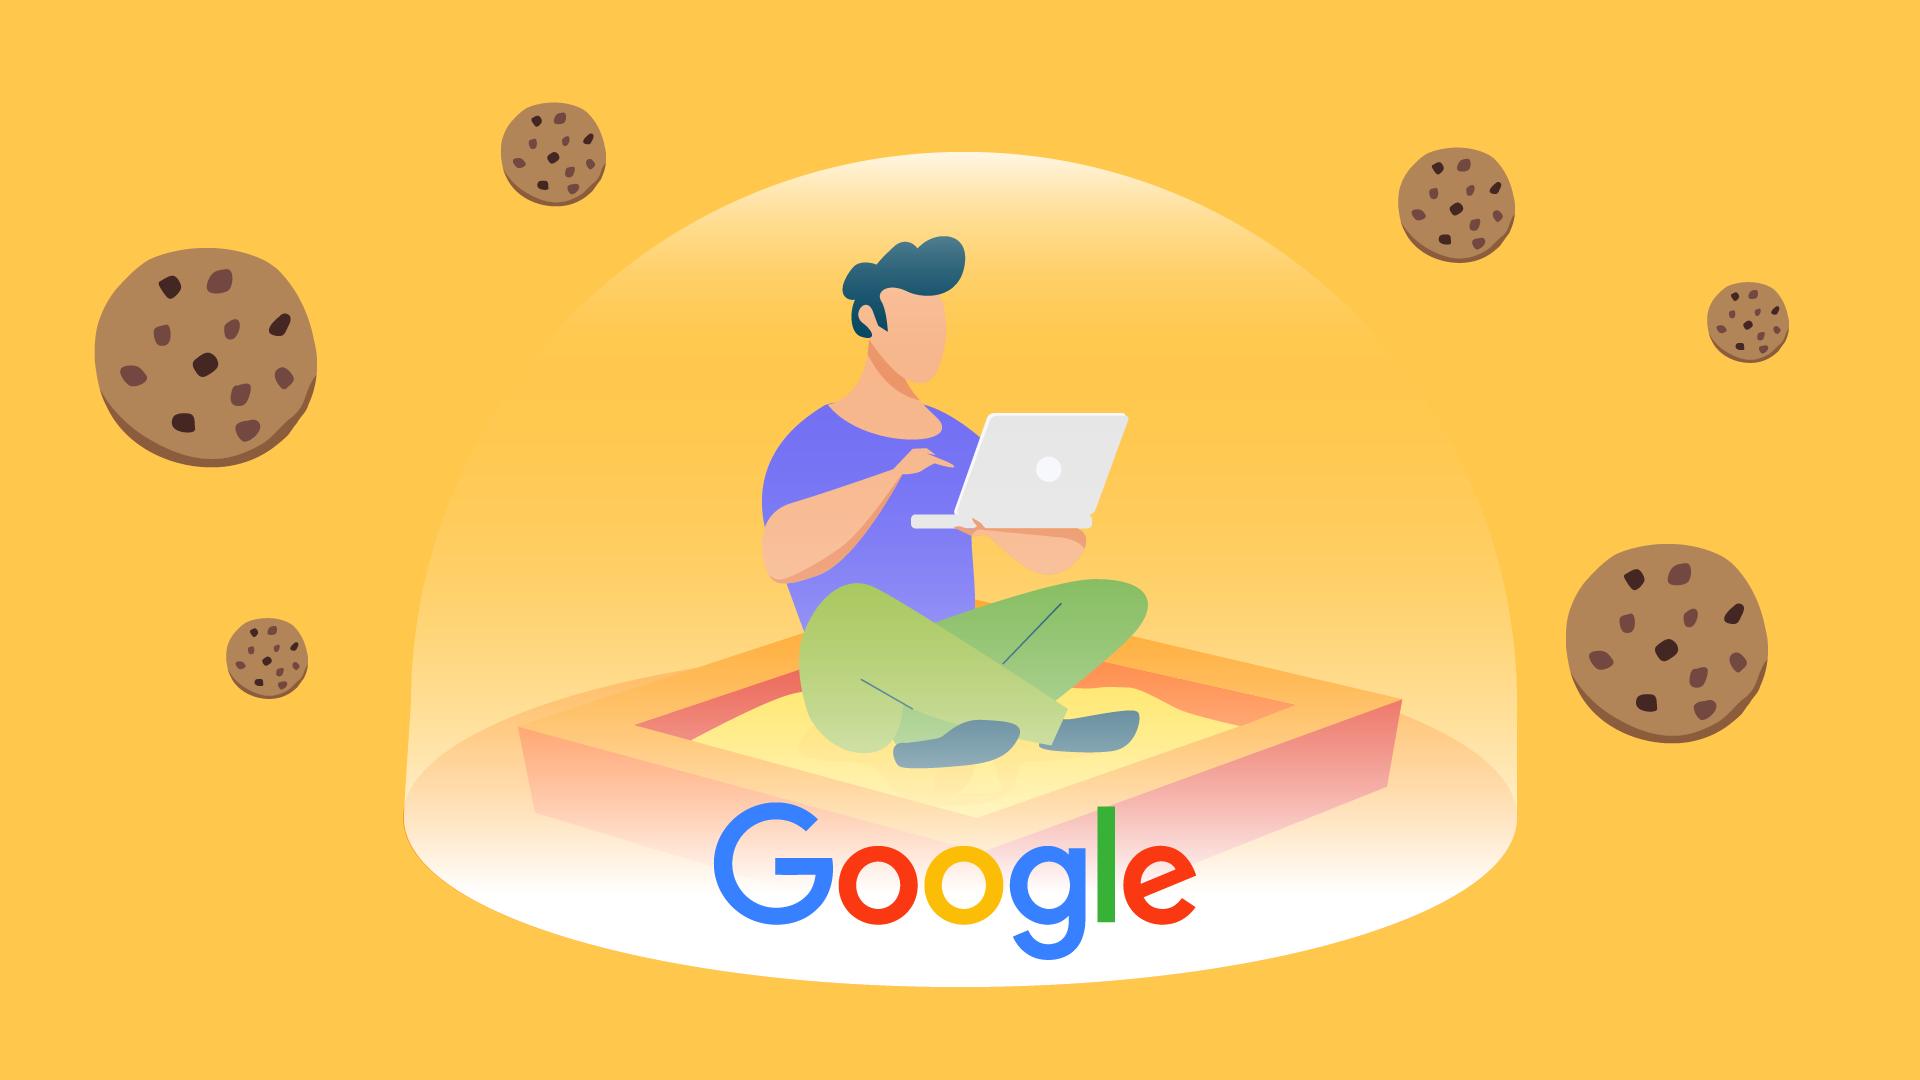 homme navigant sur un ordinateur, assis dans un bac à sable Google, protégé par un bouclier anti cookies.